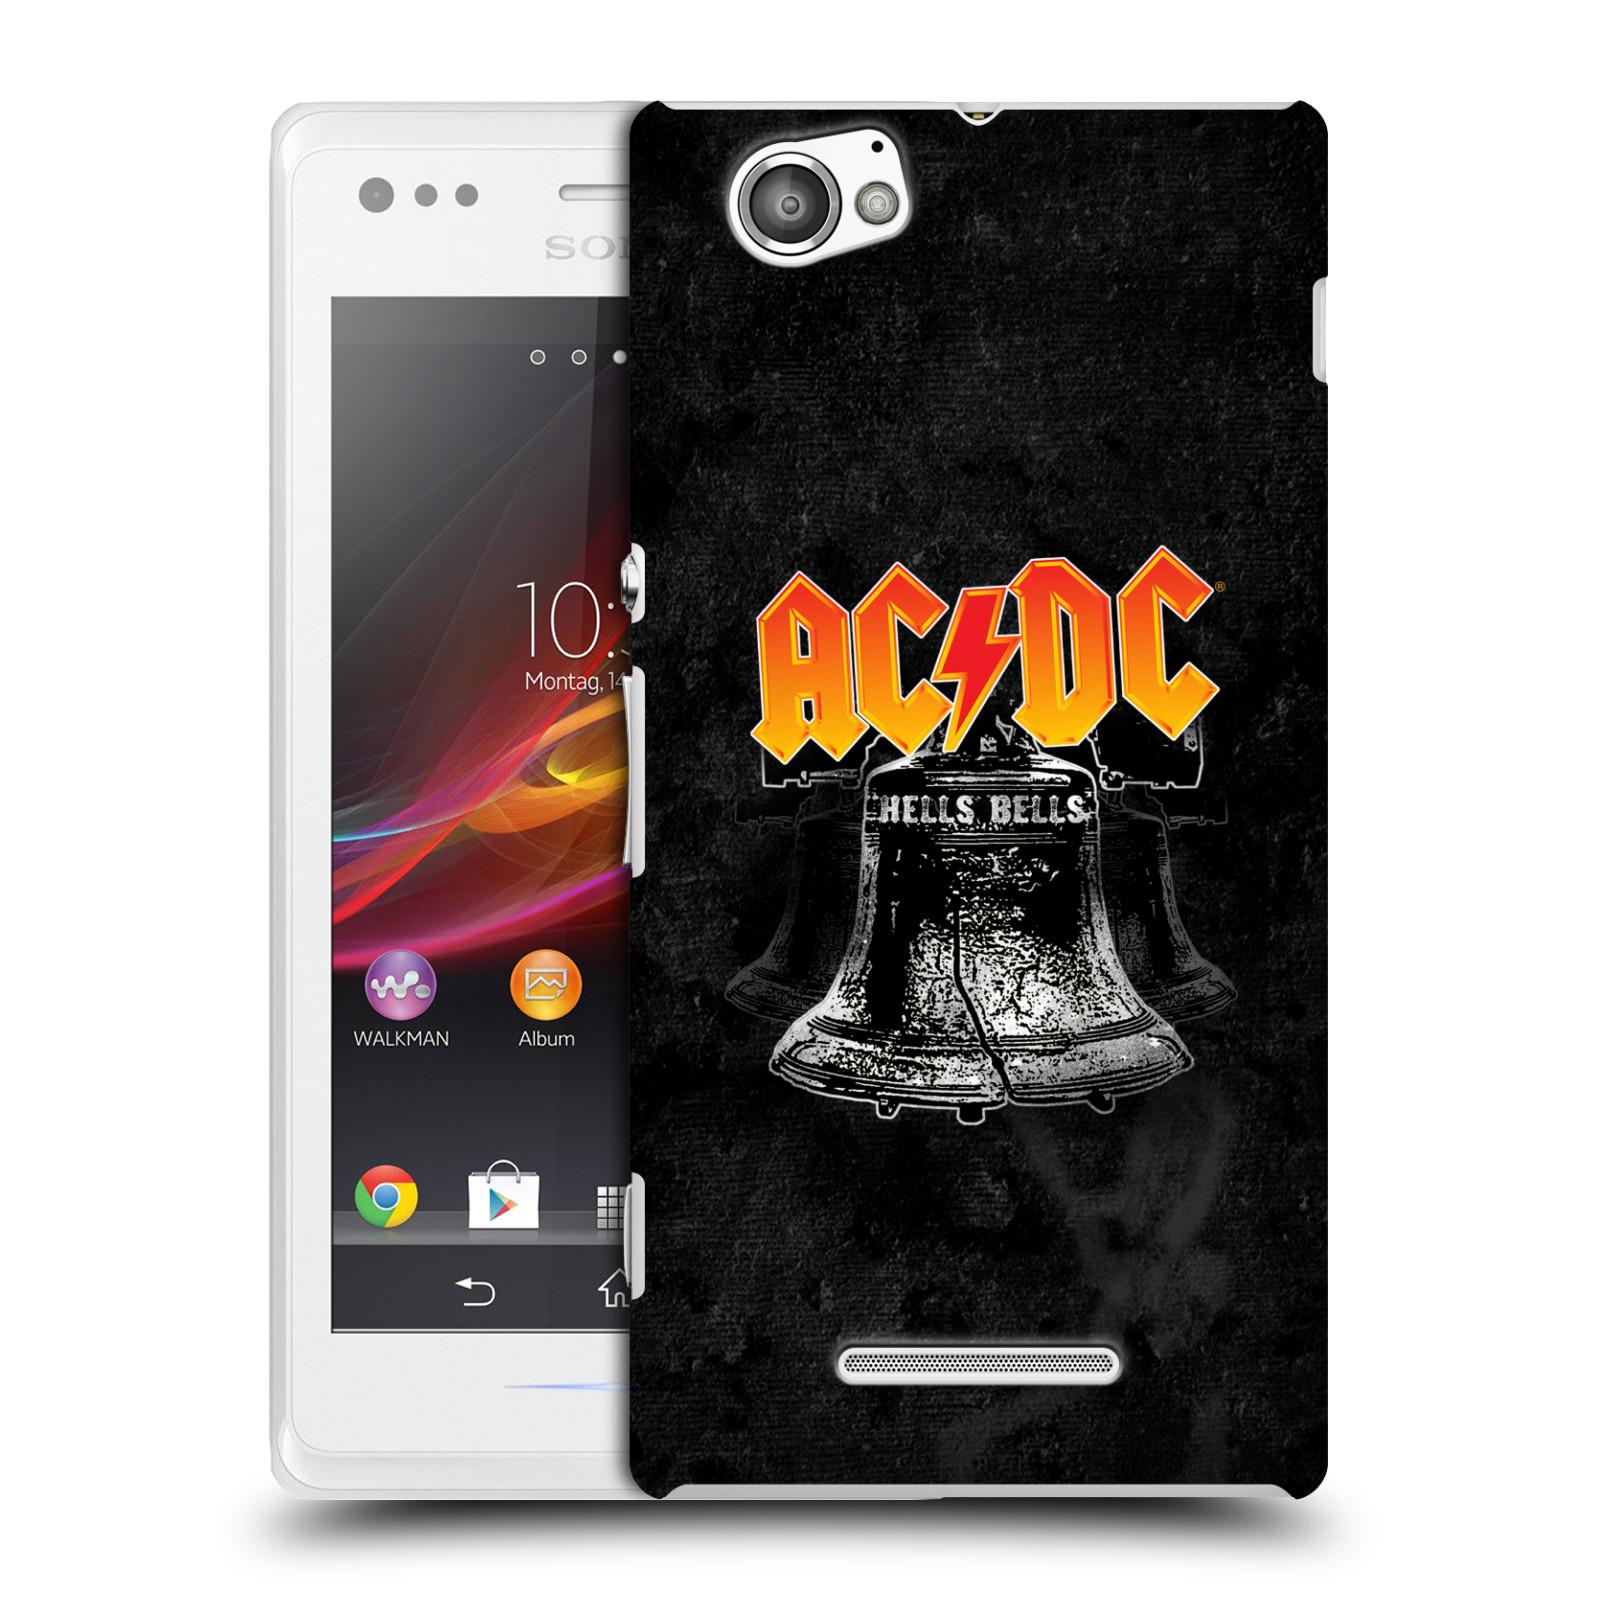 Plastové pouzdro na mobil Sony Xperia M C1905 HEAD CASE AC/DC Hells Bells (Plastový kryt či obal na mobilní telefon s oficiálním motivem australské skupiny AC/DC pro Sony Xperia M )